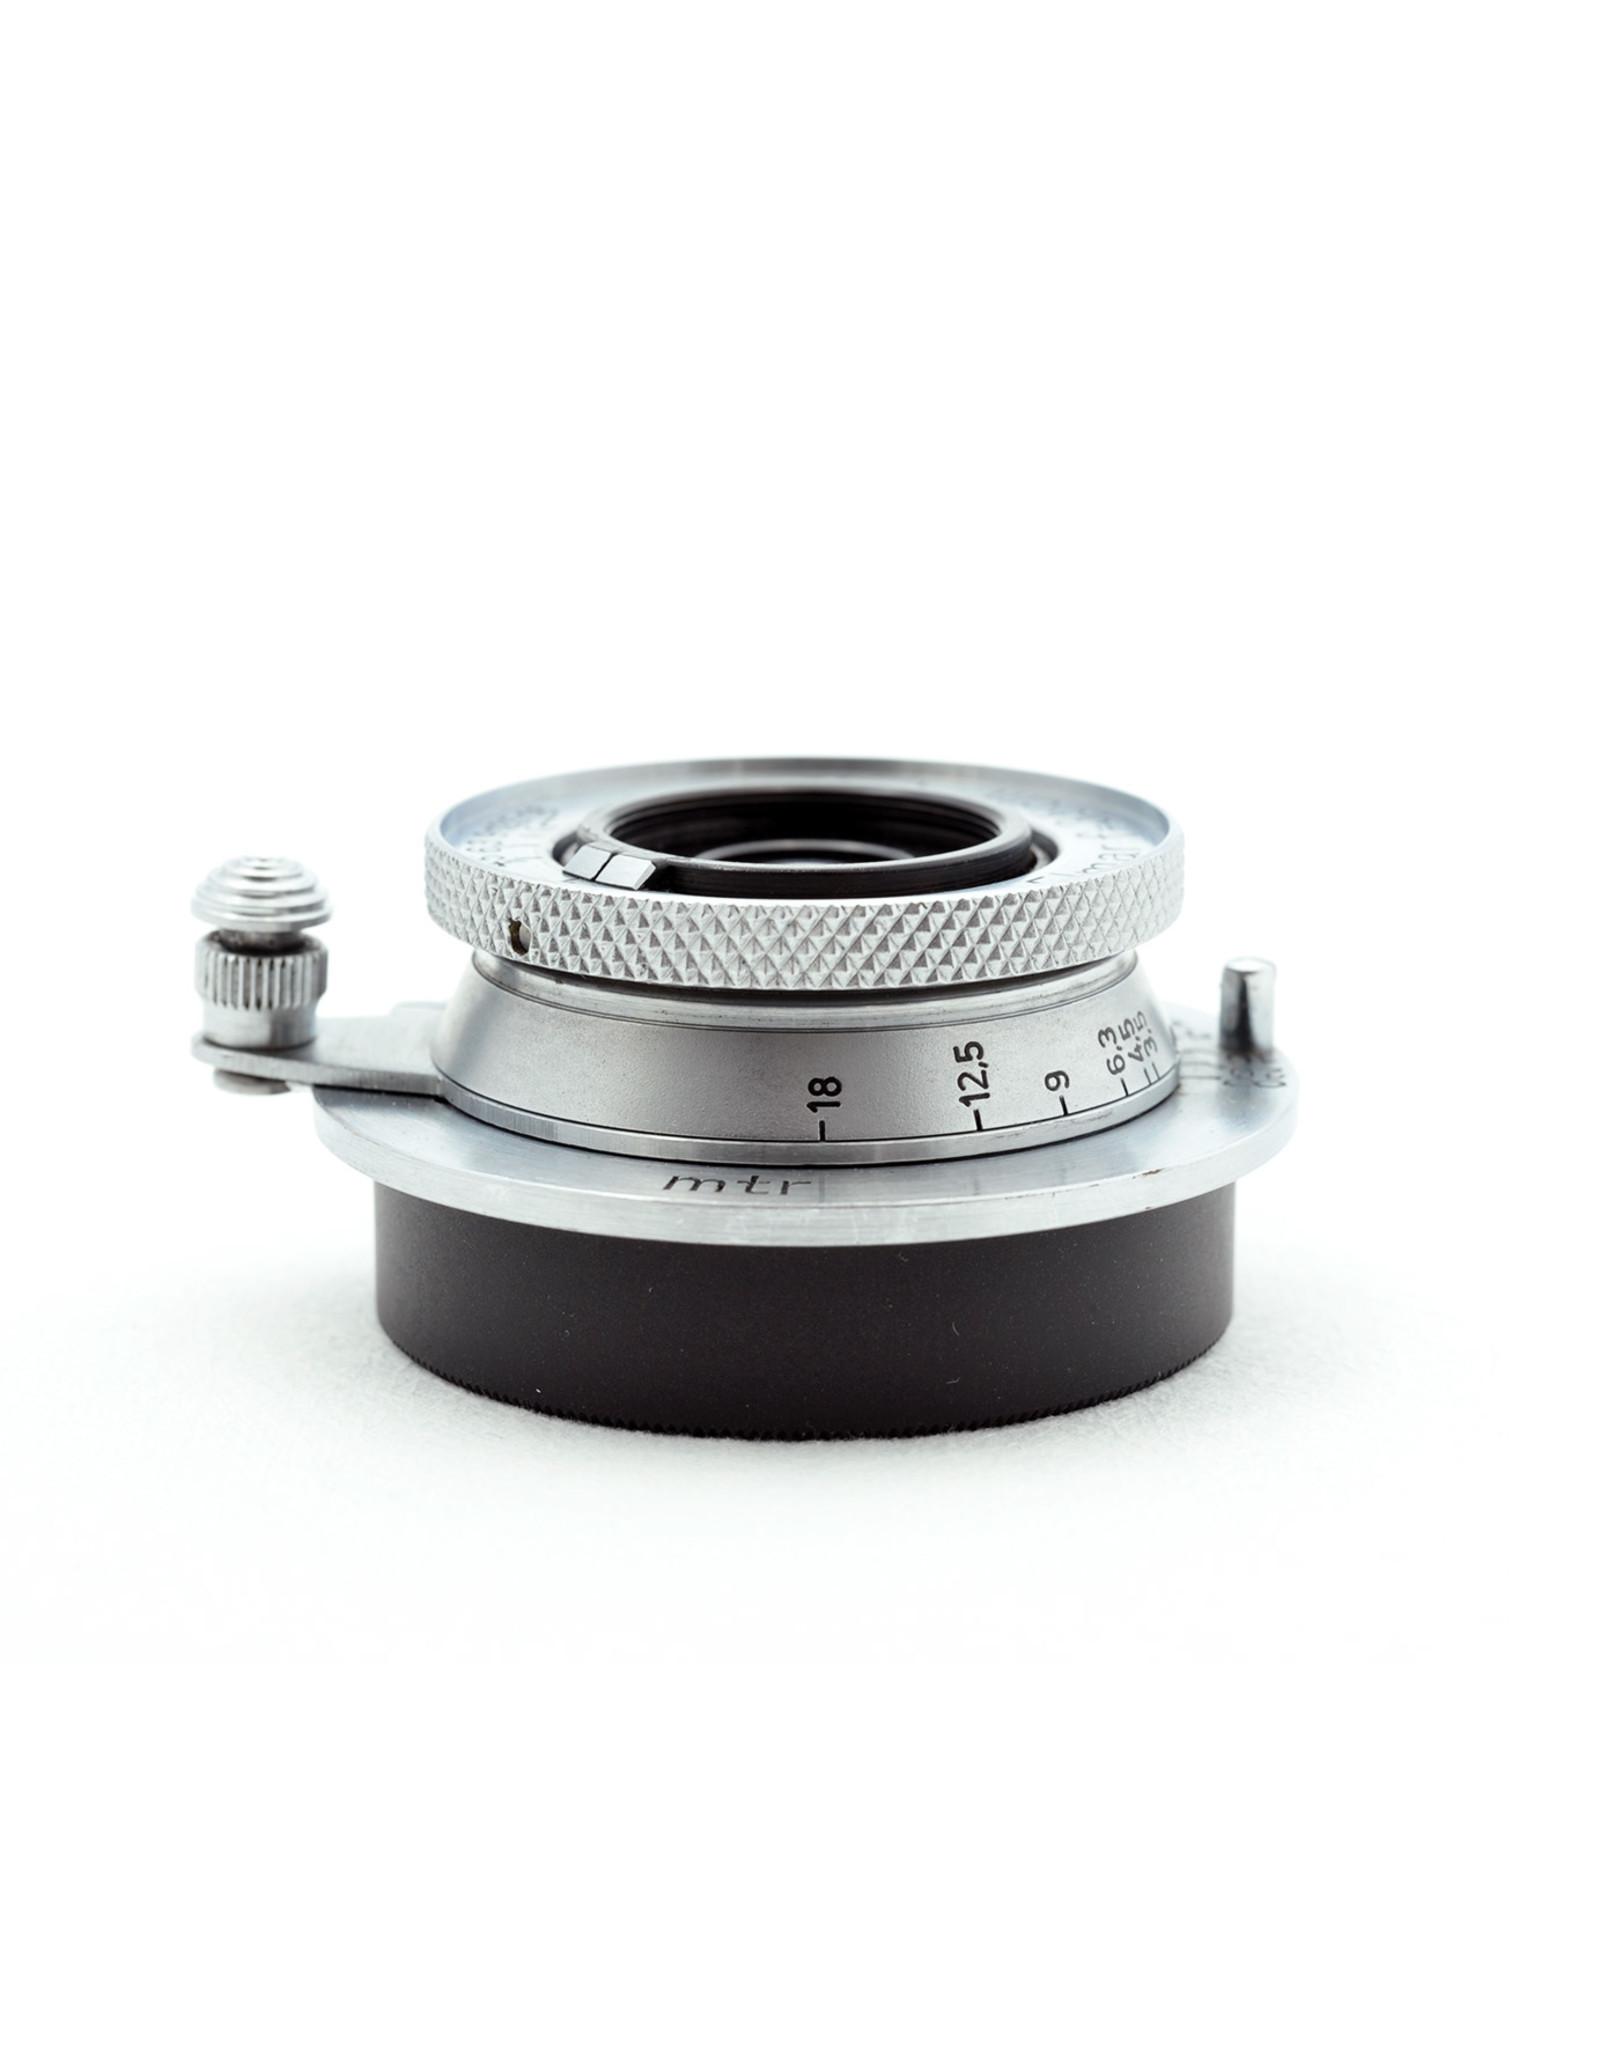 Leica Leica 3.5cm f3.5 Elmar L39   AP2121808